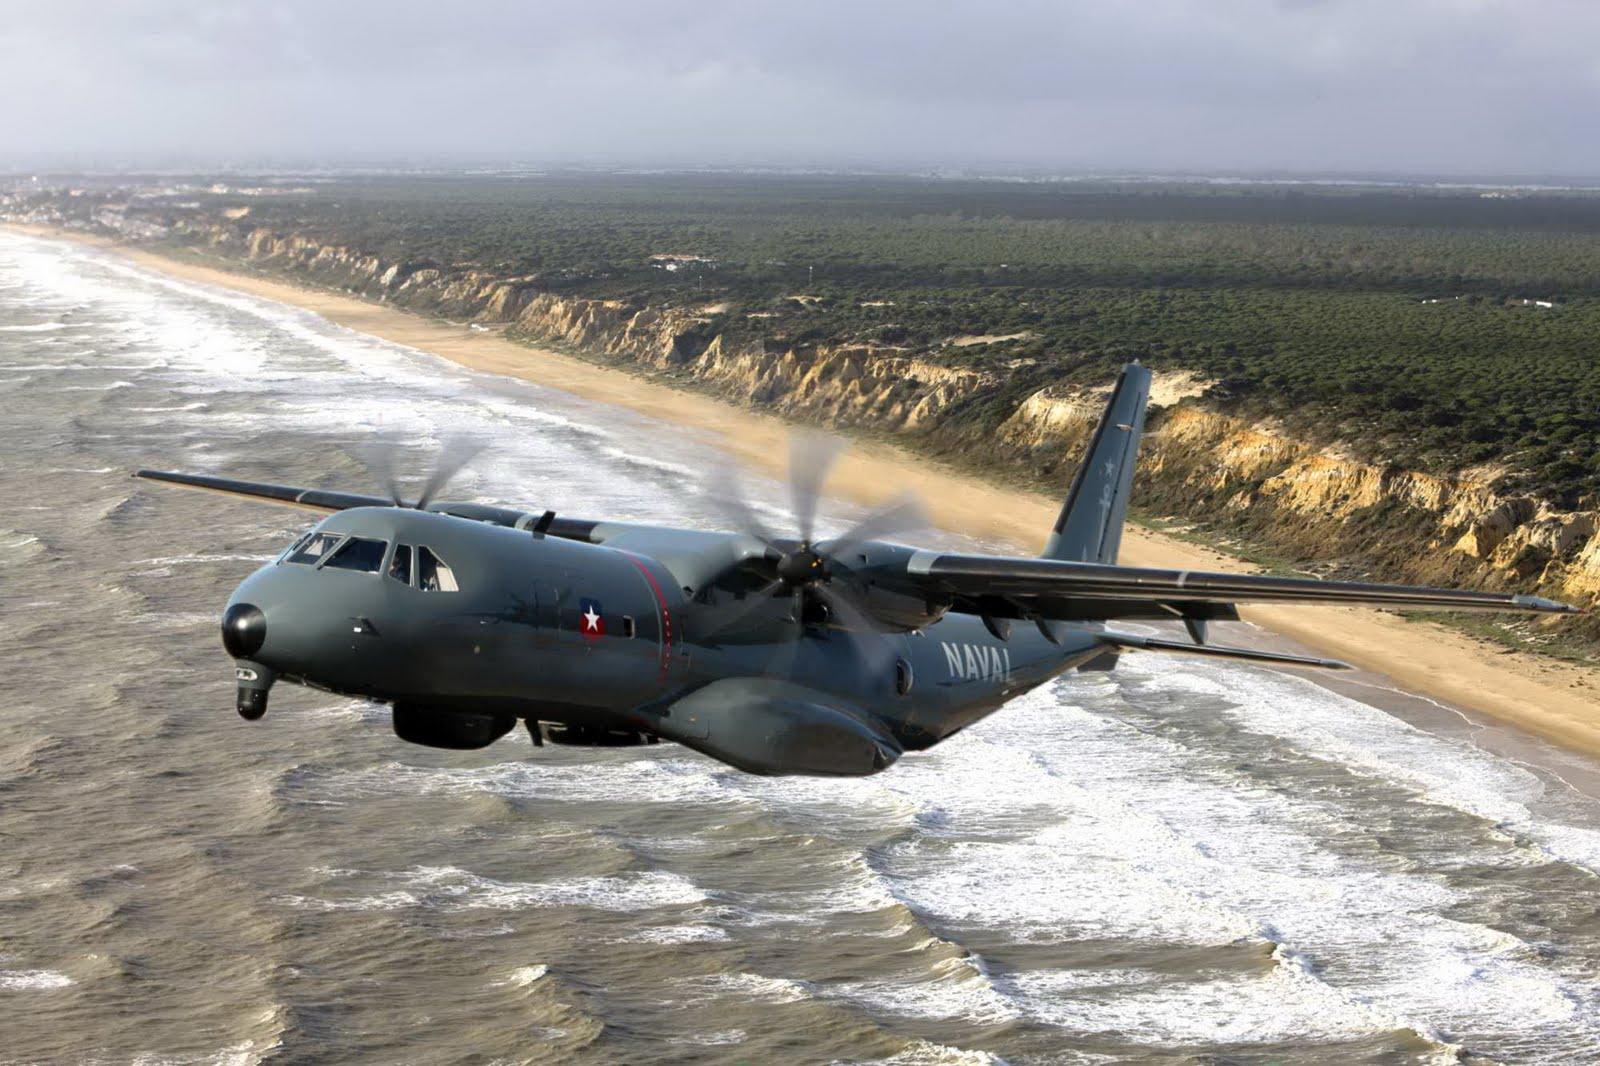 Базовый патрульный самолет Airbus C295 MPA авиации ВМС Чили.